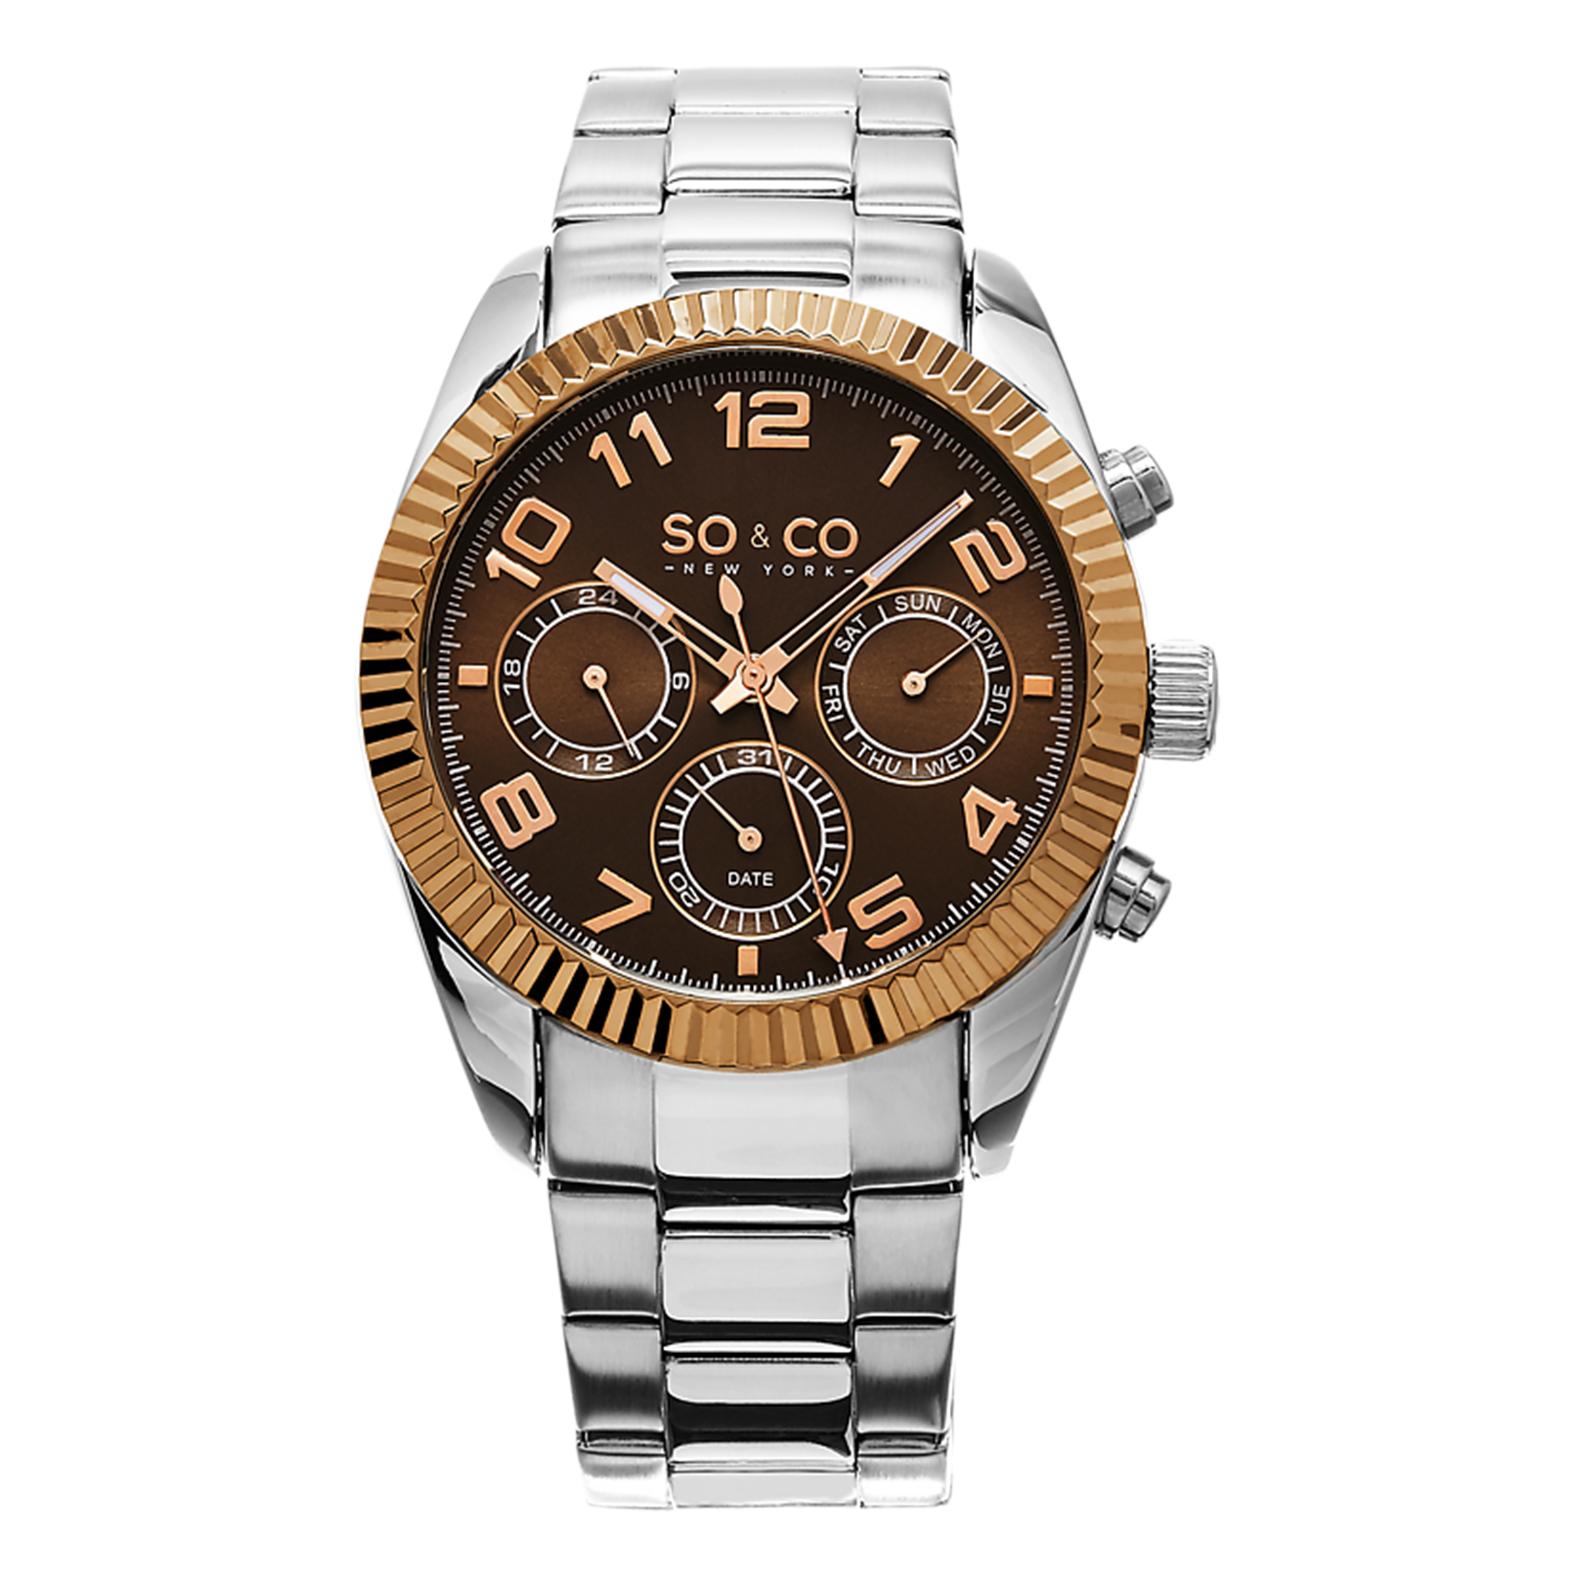 ساعت مچی عقربه ای مردانه سو اند کو مدل 5009.4